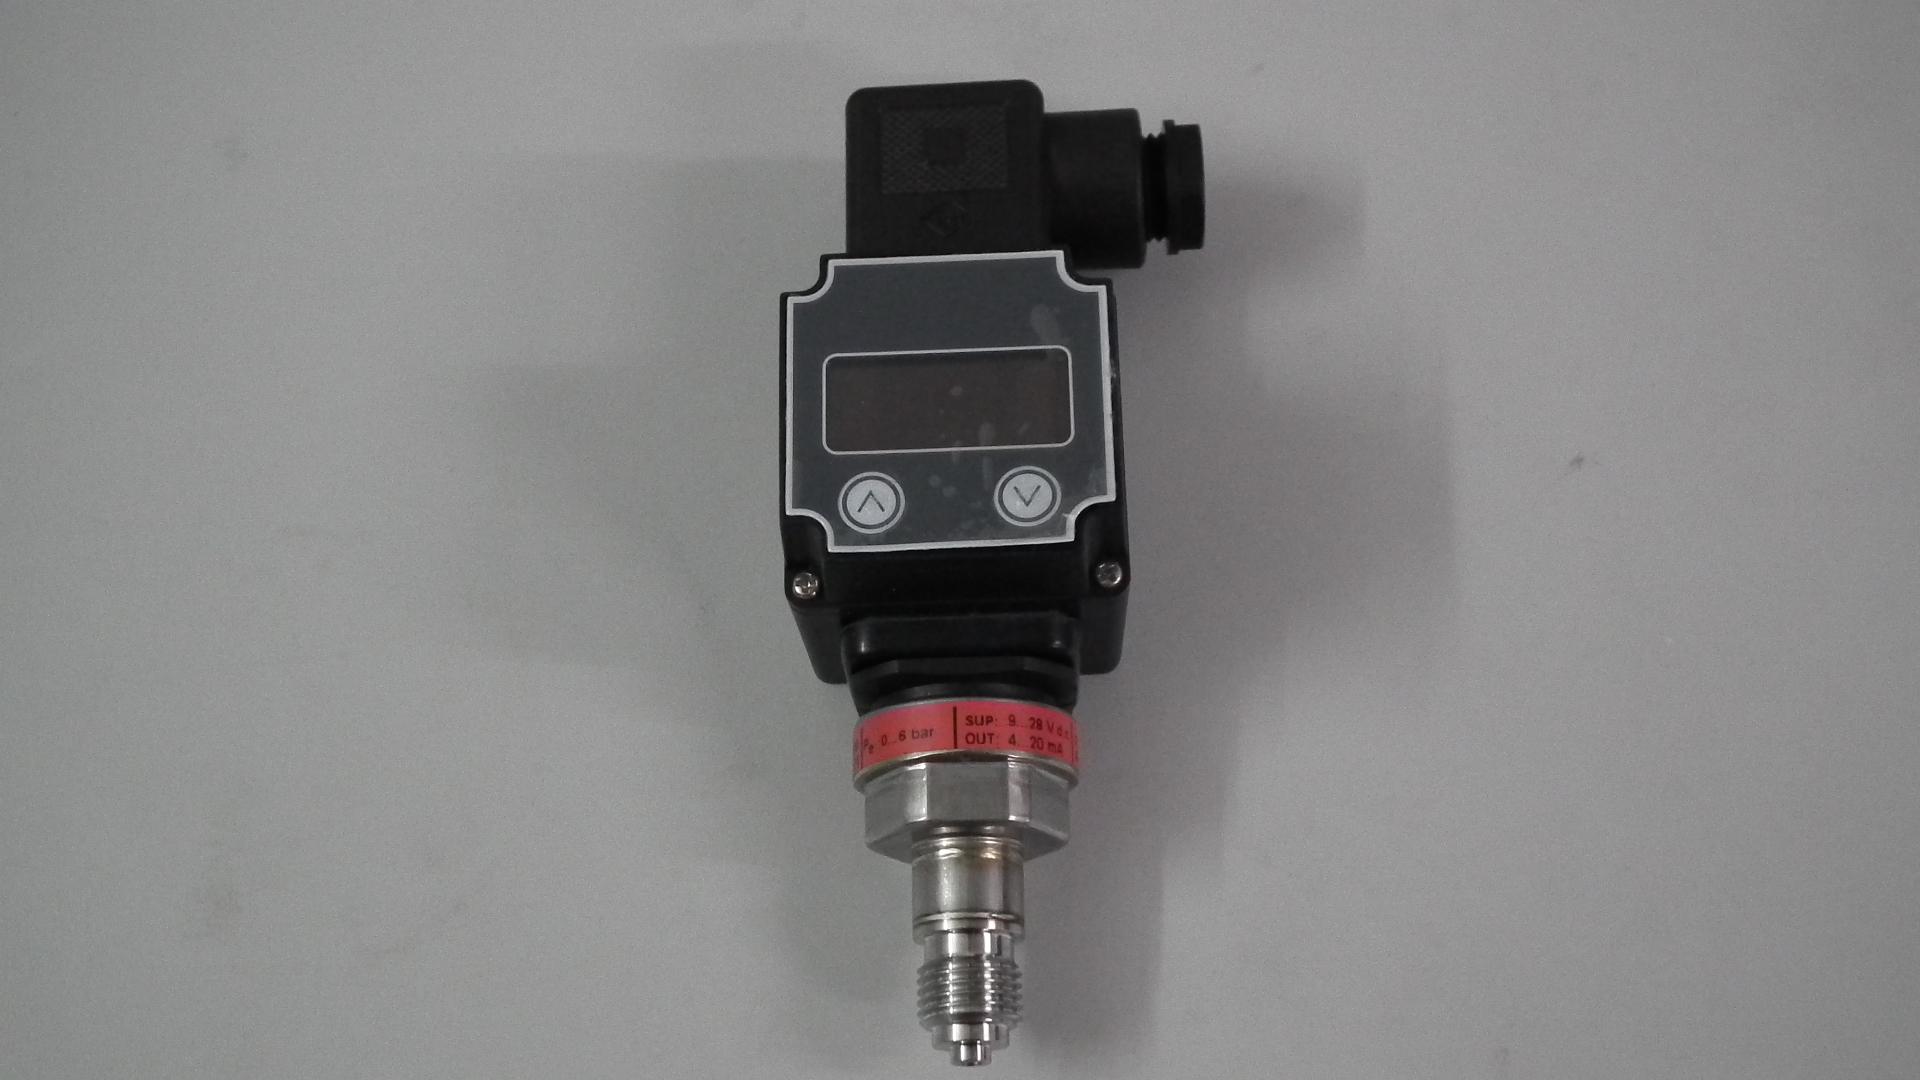 MBS1900压力变送器是专门为诸如增压泵和空压机这种空气和水应用而设计的。这款压力变送器设计灵活,绝压型表压型(相对压力)均有,可以提供多种输出信号。测量范围从0~4bar到0~25bar,而且还可提供多种压力及电气连接方式 密封材料为AISI316L型不锈钢 密封材料为AISI316L型不锈钢 针对空气和水的应用而设计 与介质接触部分材料为不锈钢(AISI 304) 压力范围可至0~25bar, 相对压力(表压)或绝压型 输出信号:4-20mA 或按比例输出 绝压或表压传感元件 规格齐全的压力及电气连